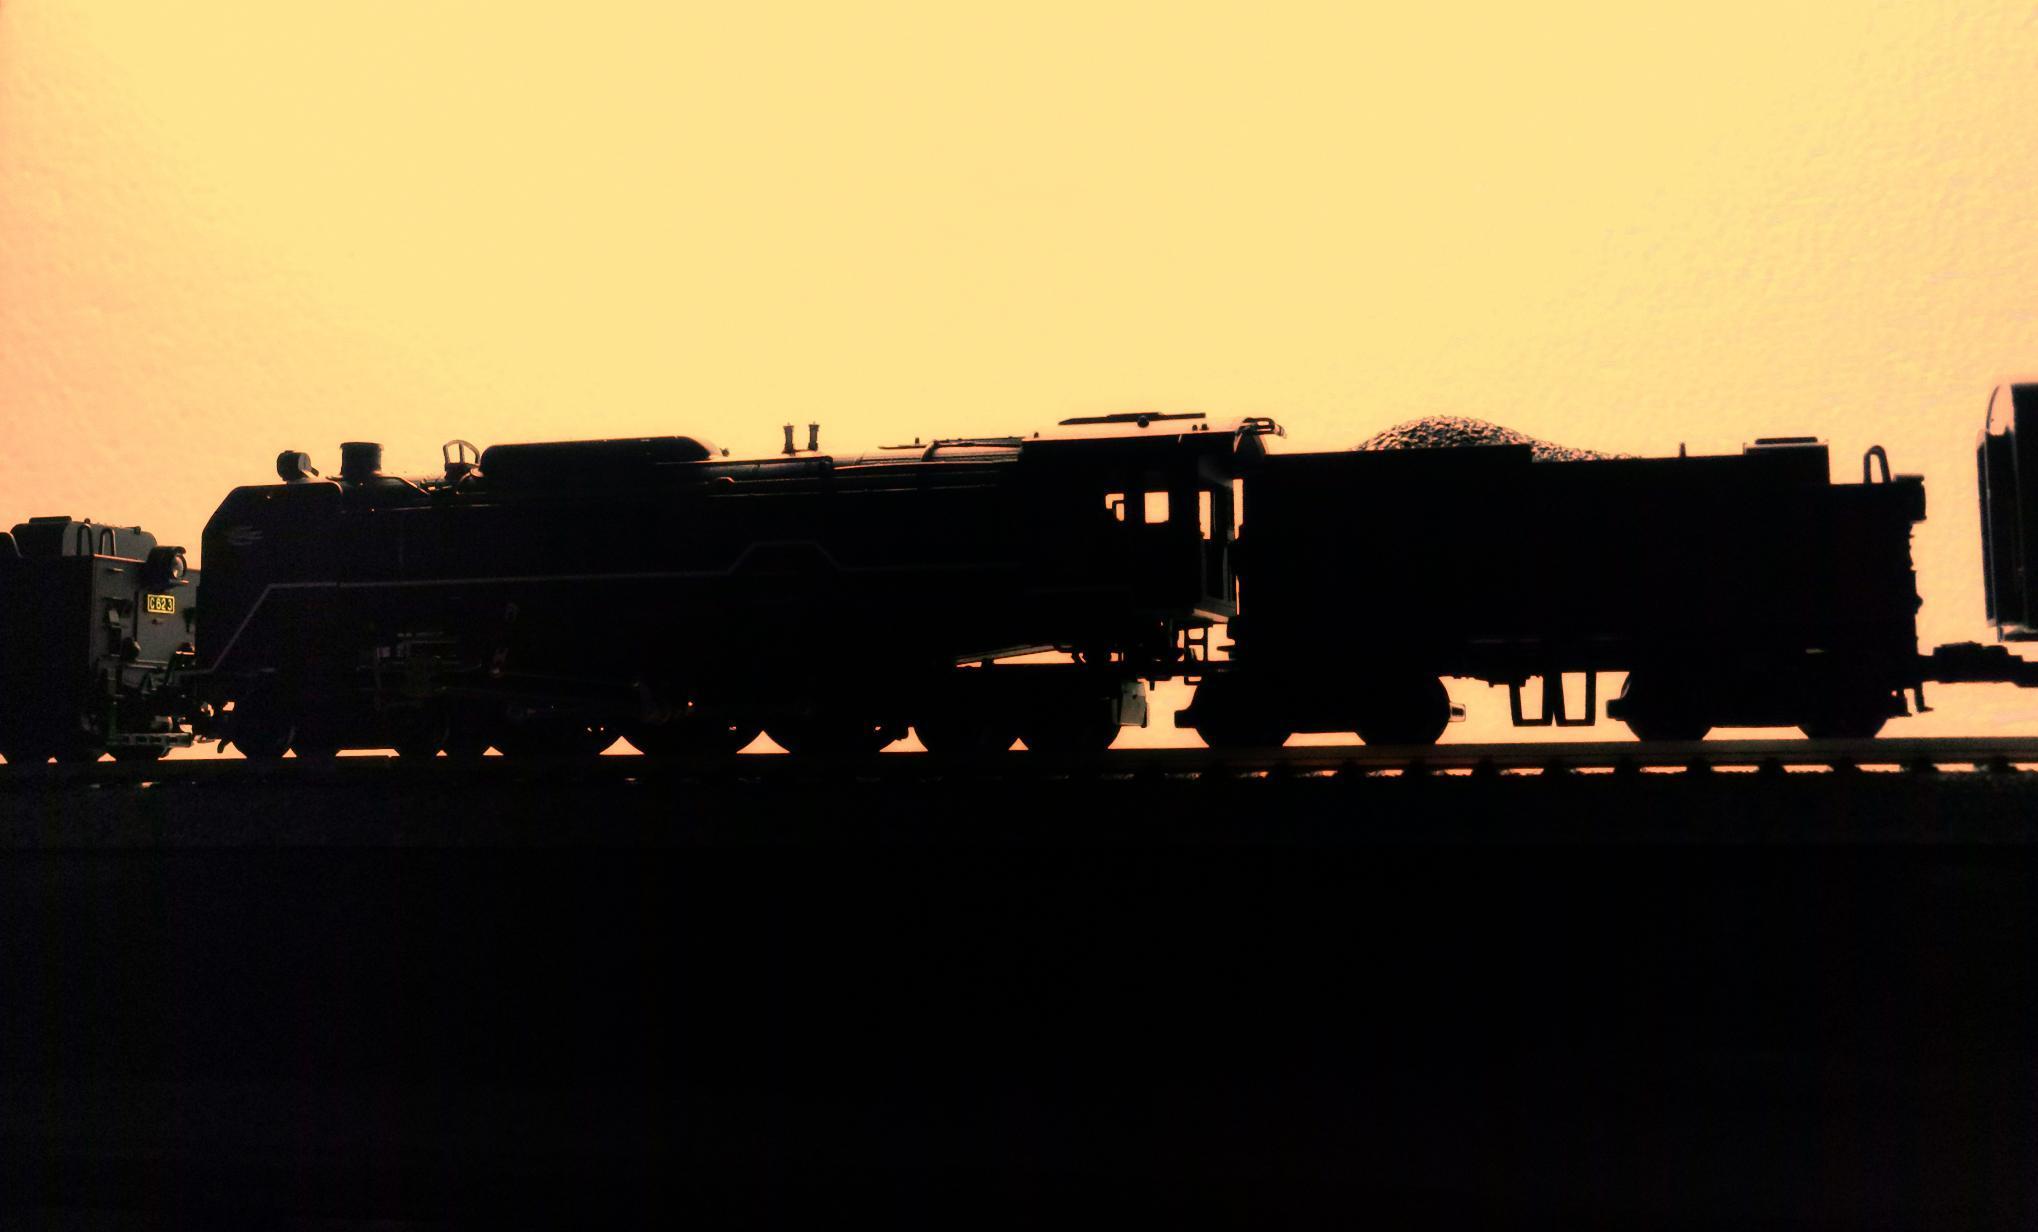 DSCN9104-1.jpg